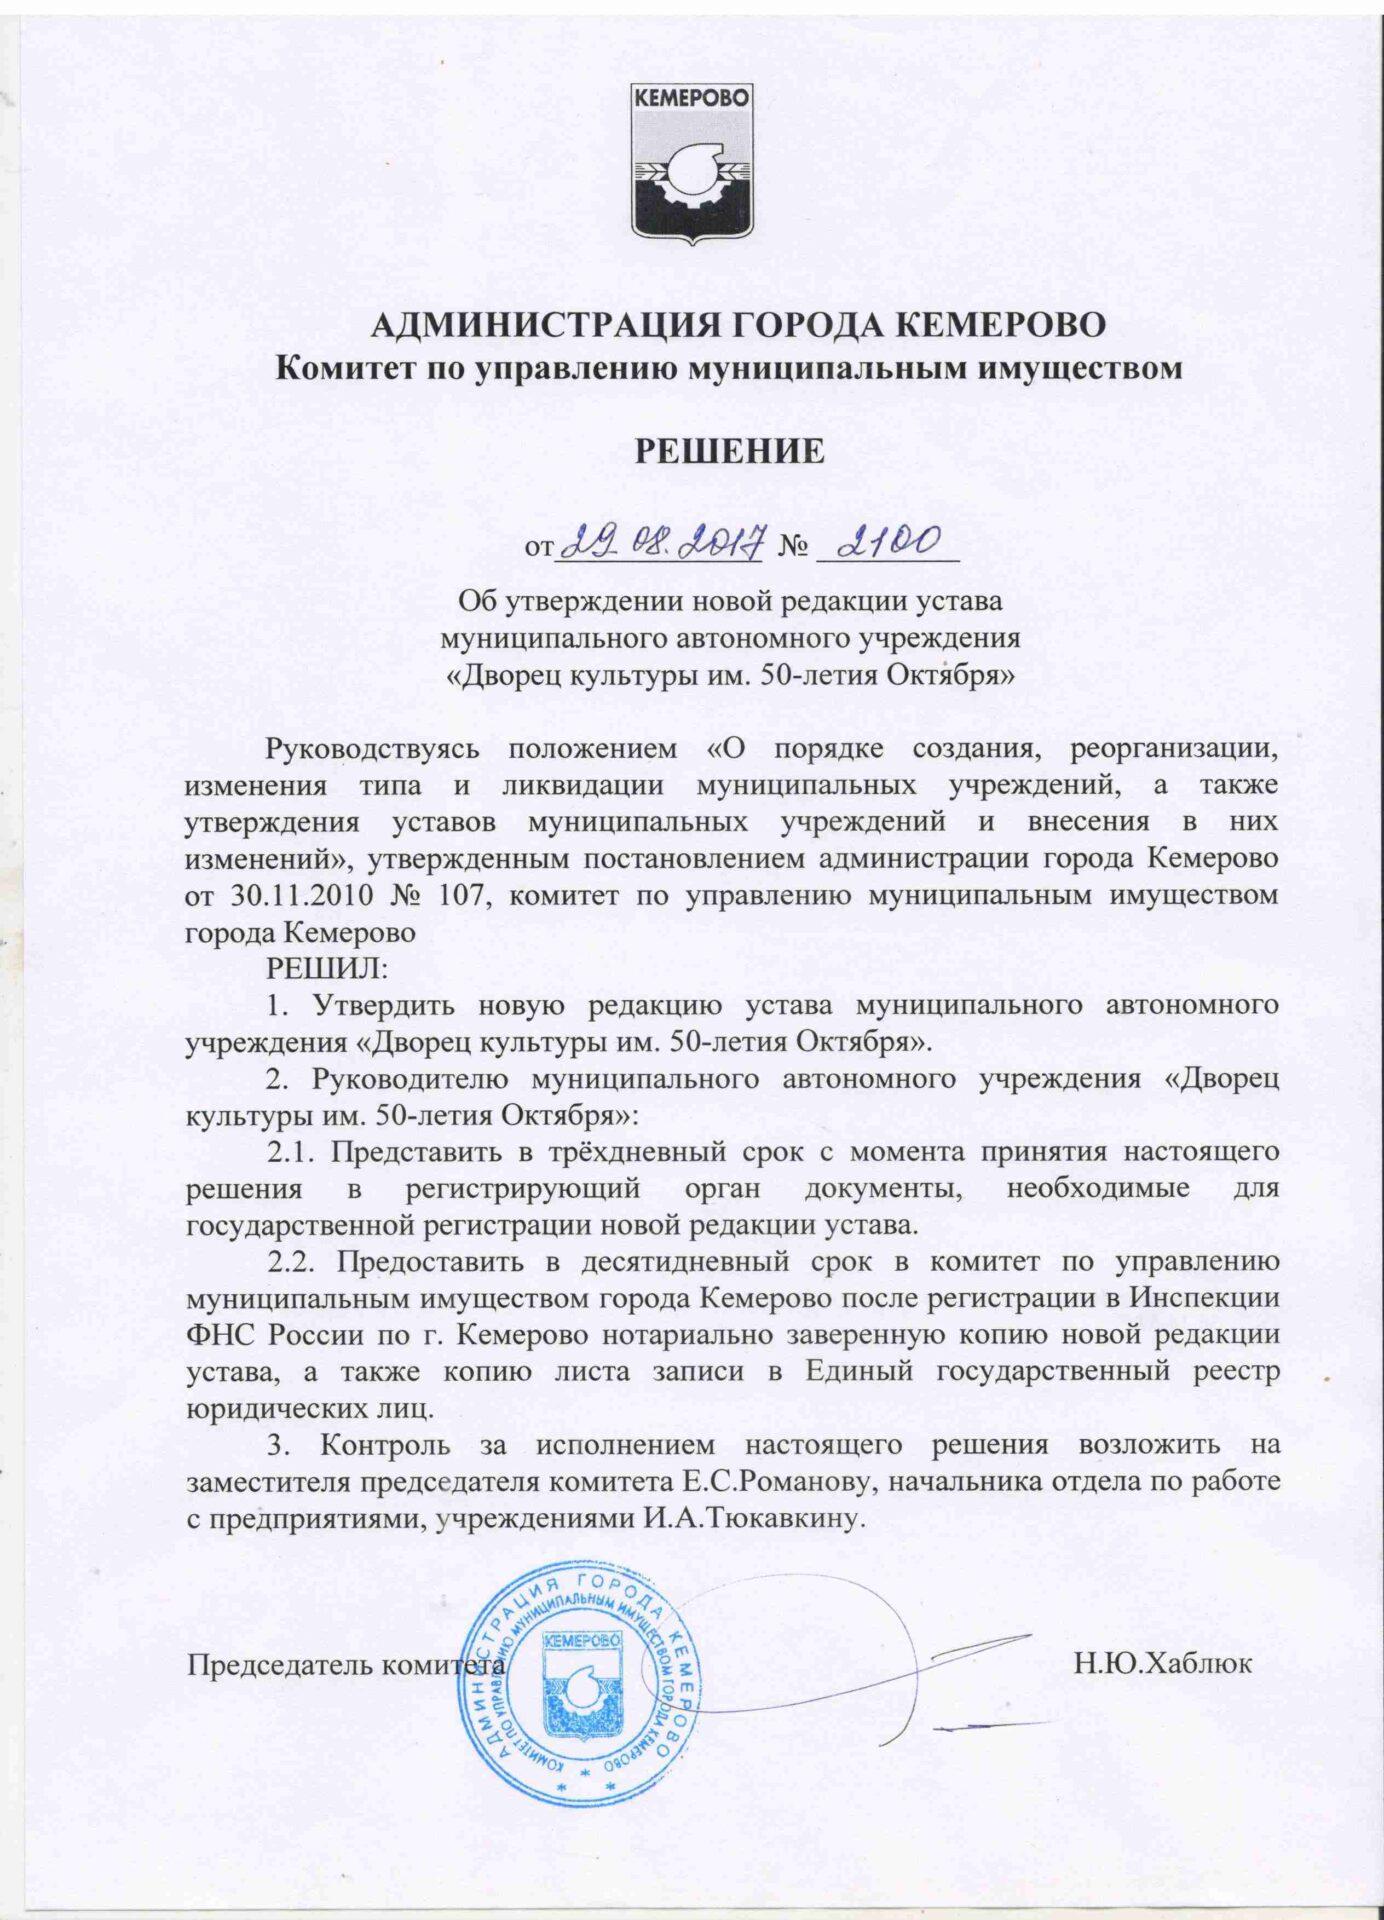 Решение об утверждении новой редакции устава